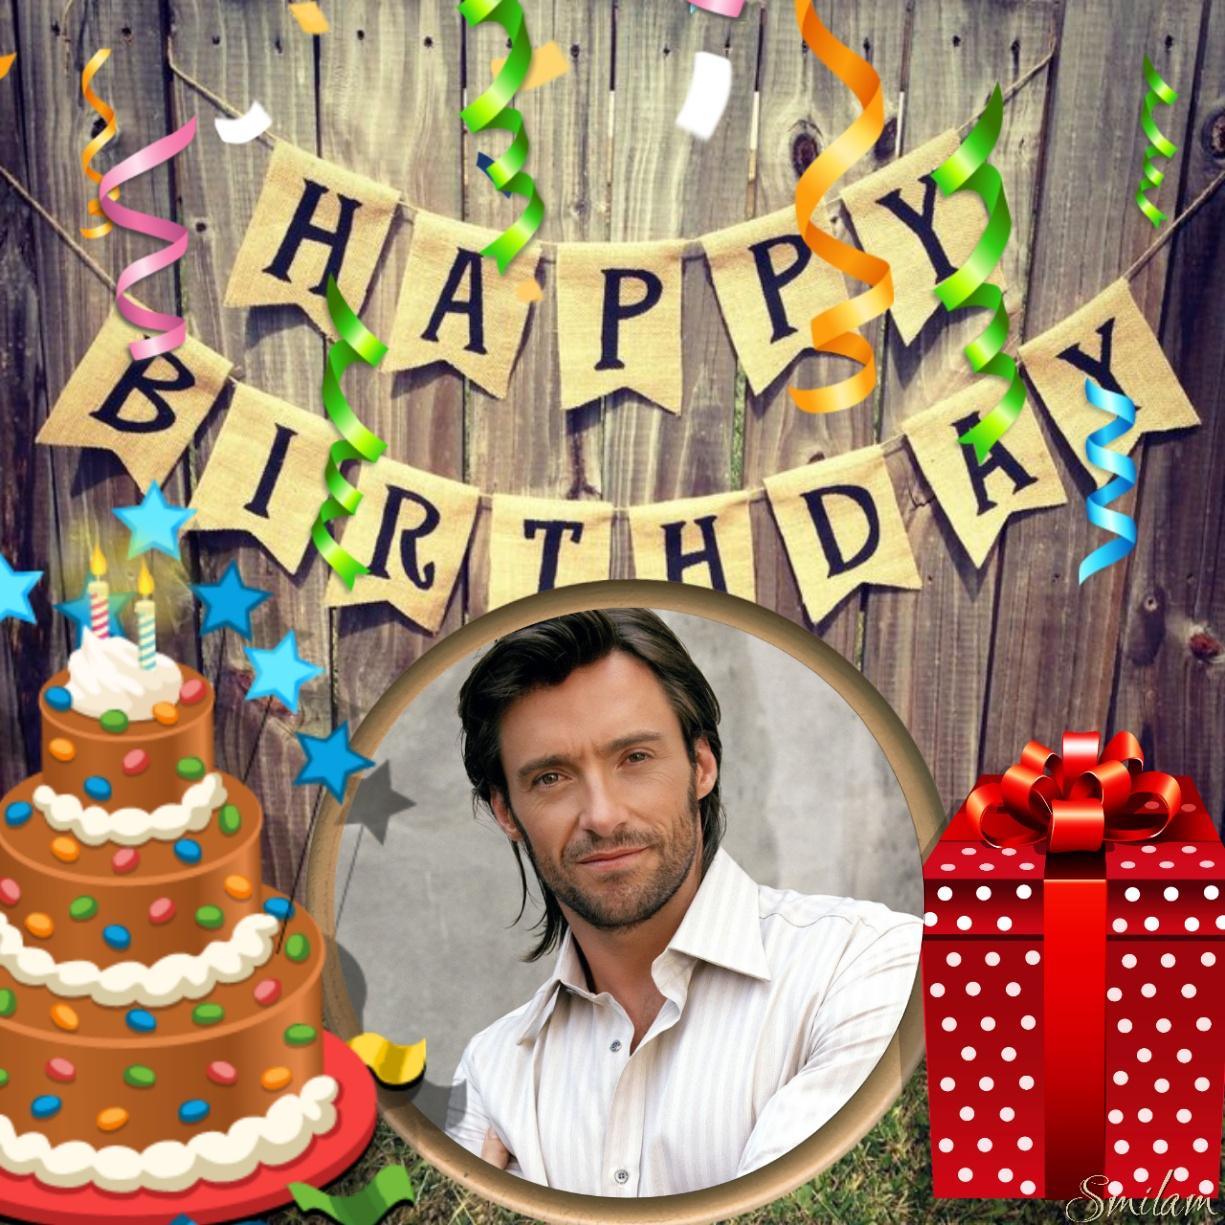 Imikimi Zo Birthday Frames Happy Birthday Frame For The Guys Or Gals Happy Birthday Smilam